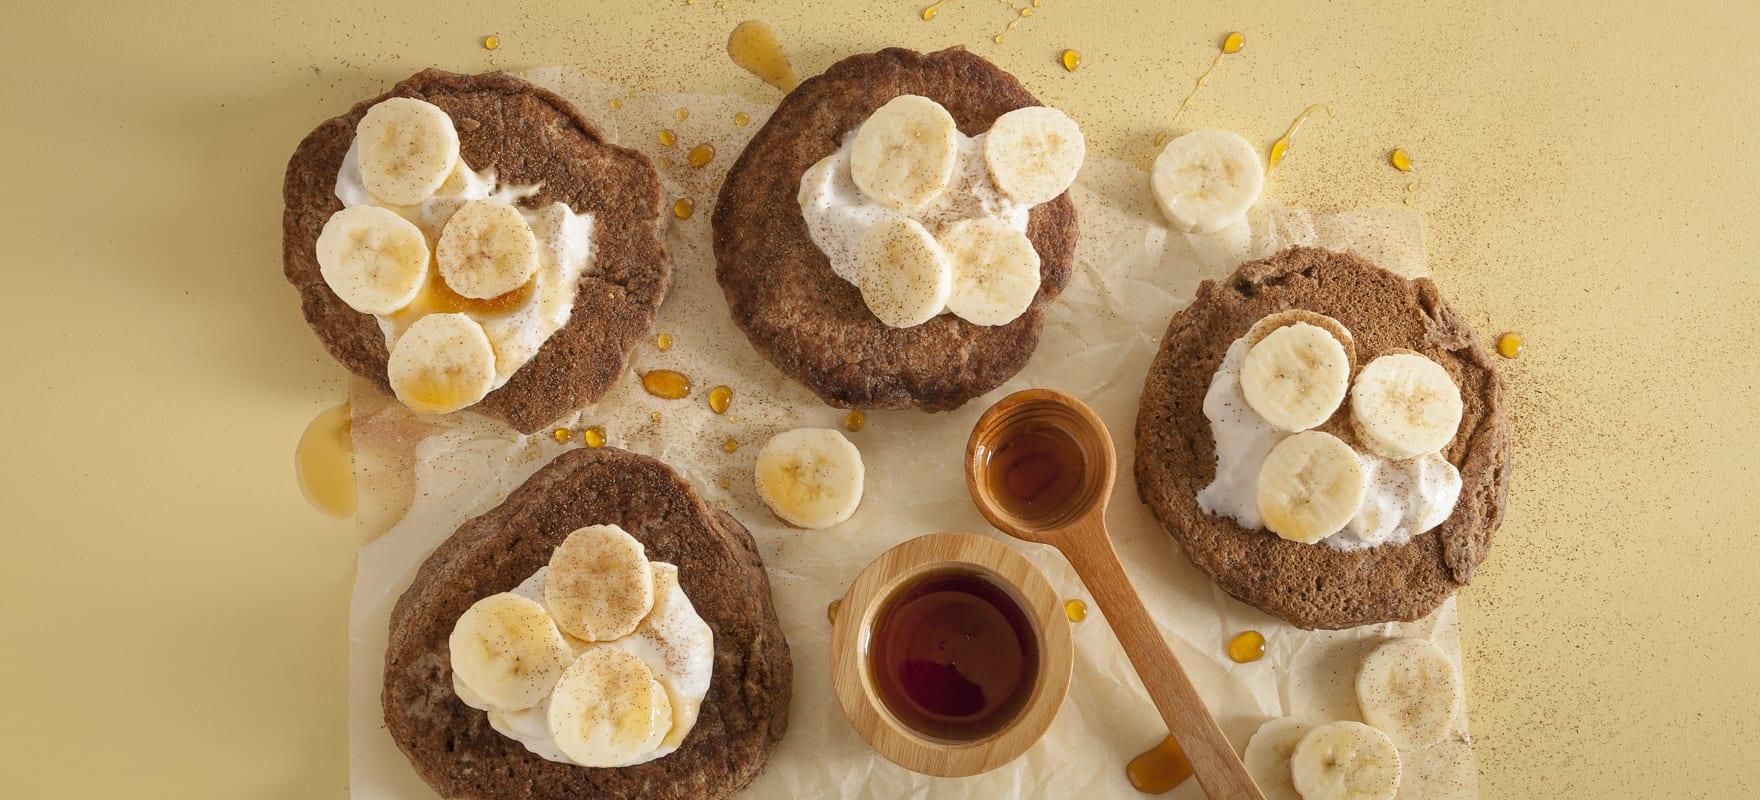 Vegan buckwheat protein pancakes image 1